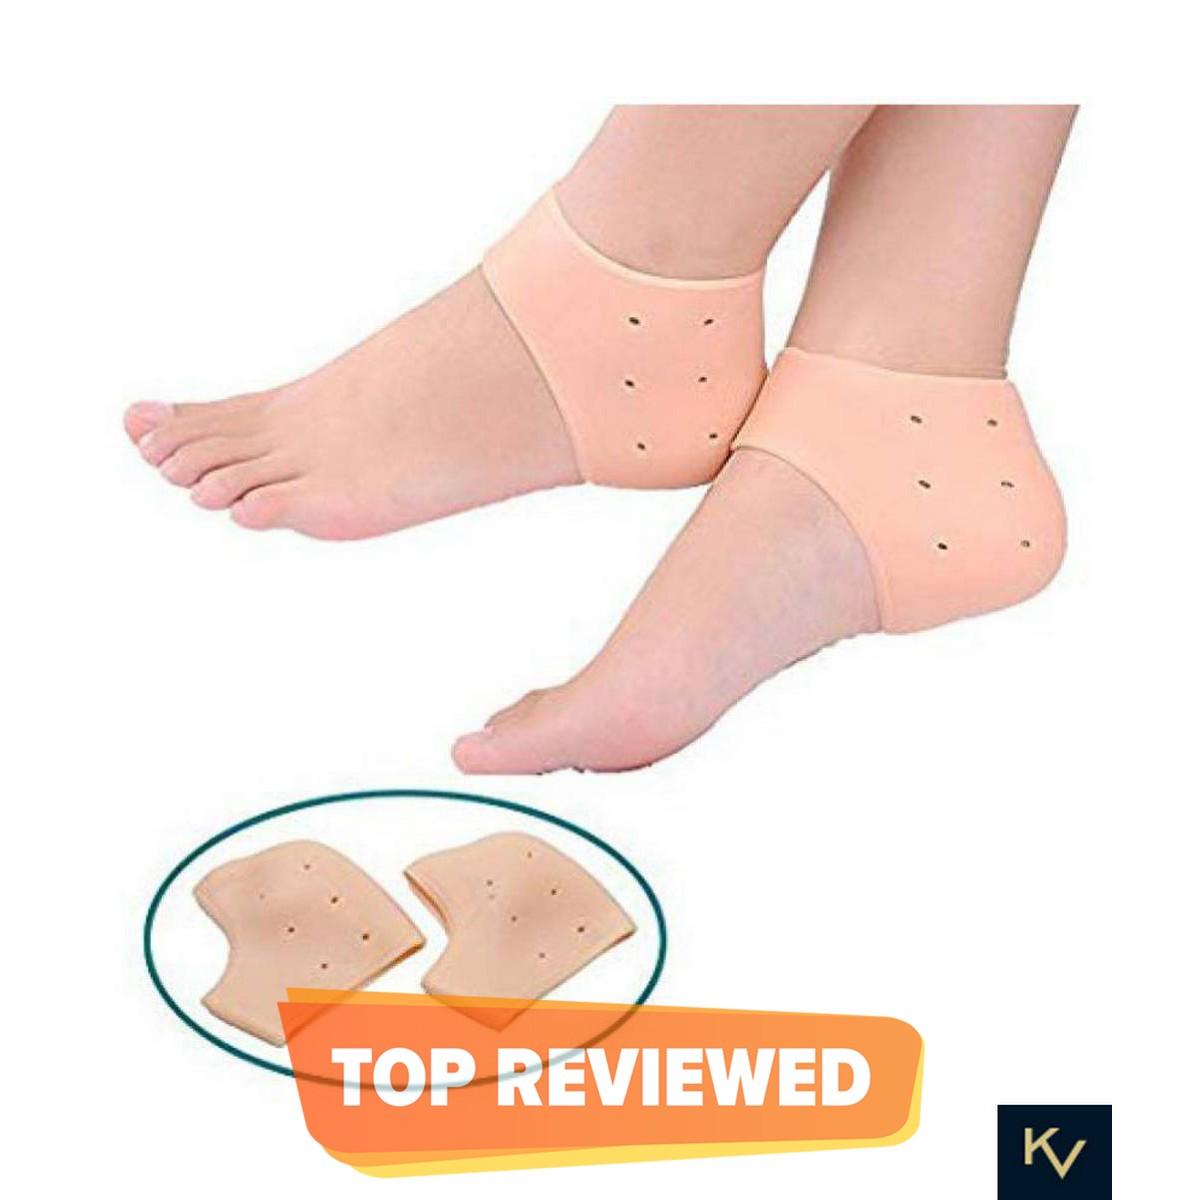 KV Silicon Heel Socks for Pain Relief Silicone Gel Heel Pad Socks for Men and Women Original Gel Heel Protector Heel Guard Heel Spur Relief 1 Pair